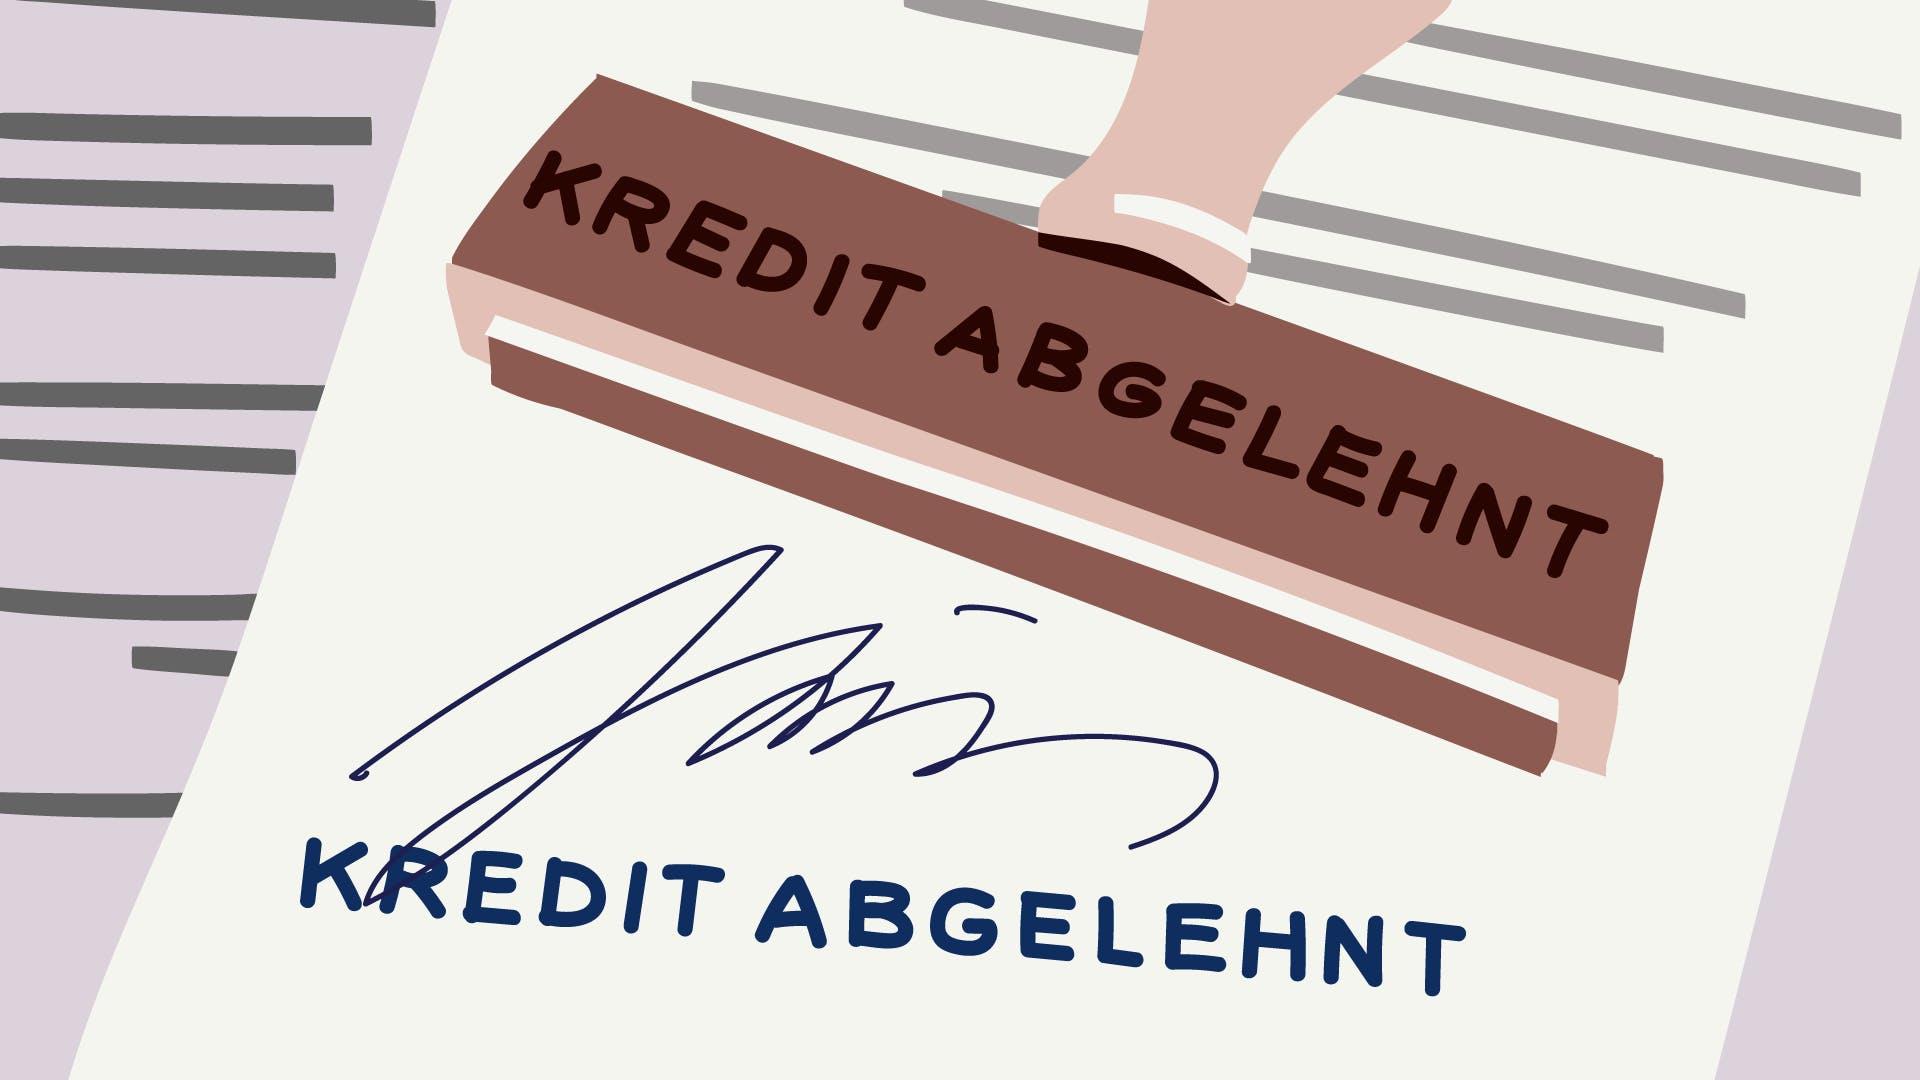 Offizielles Dokument, welches aufzeigt das ein Kredit für Selbständige abgelehnt wurde.